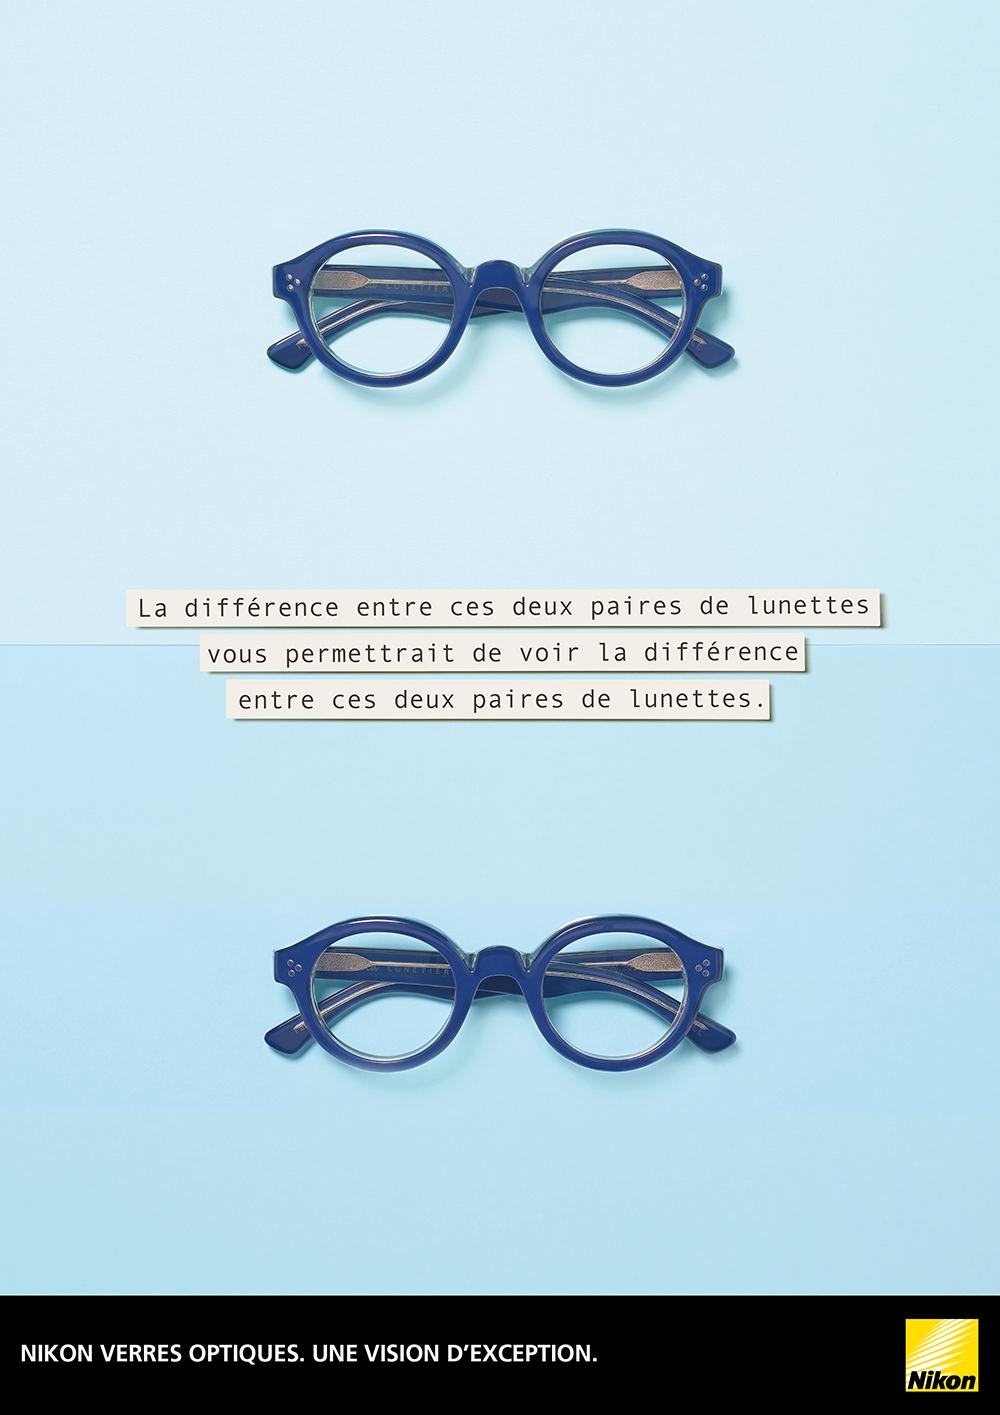 nikon-verres-optiques-publicite-print-affiche-optical-jeux-de-mots-vue-vision-agence-altmann-pacreau-2